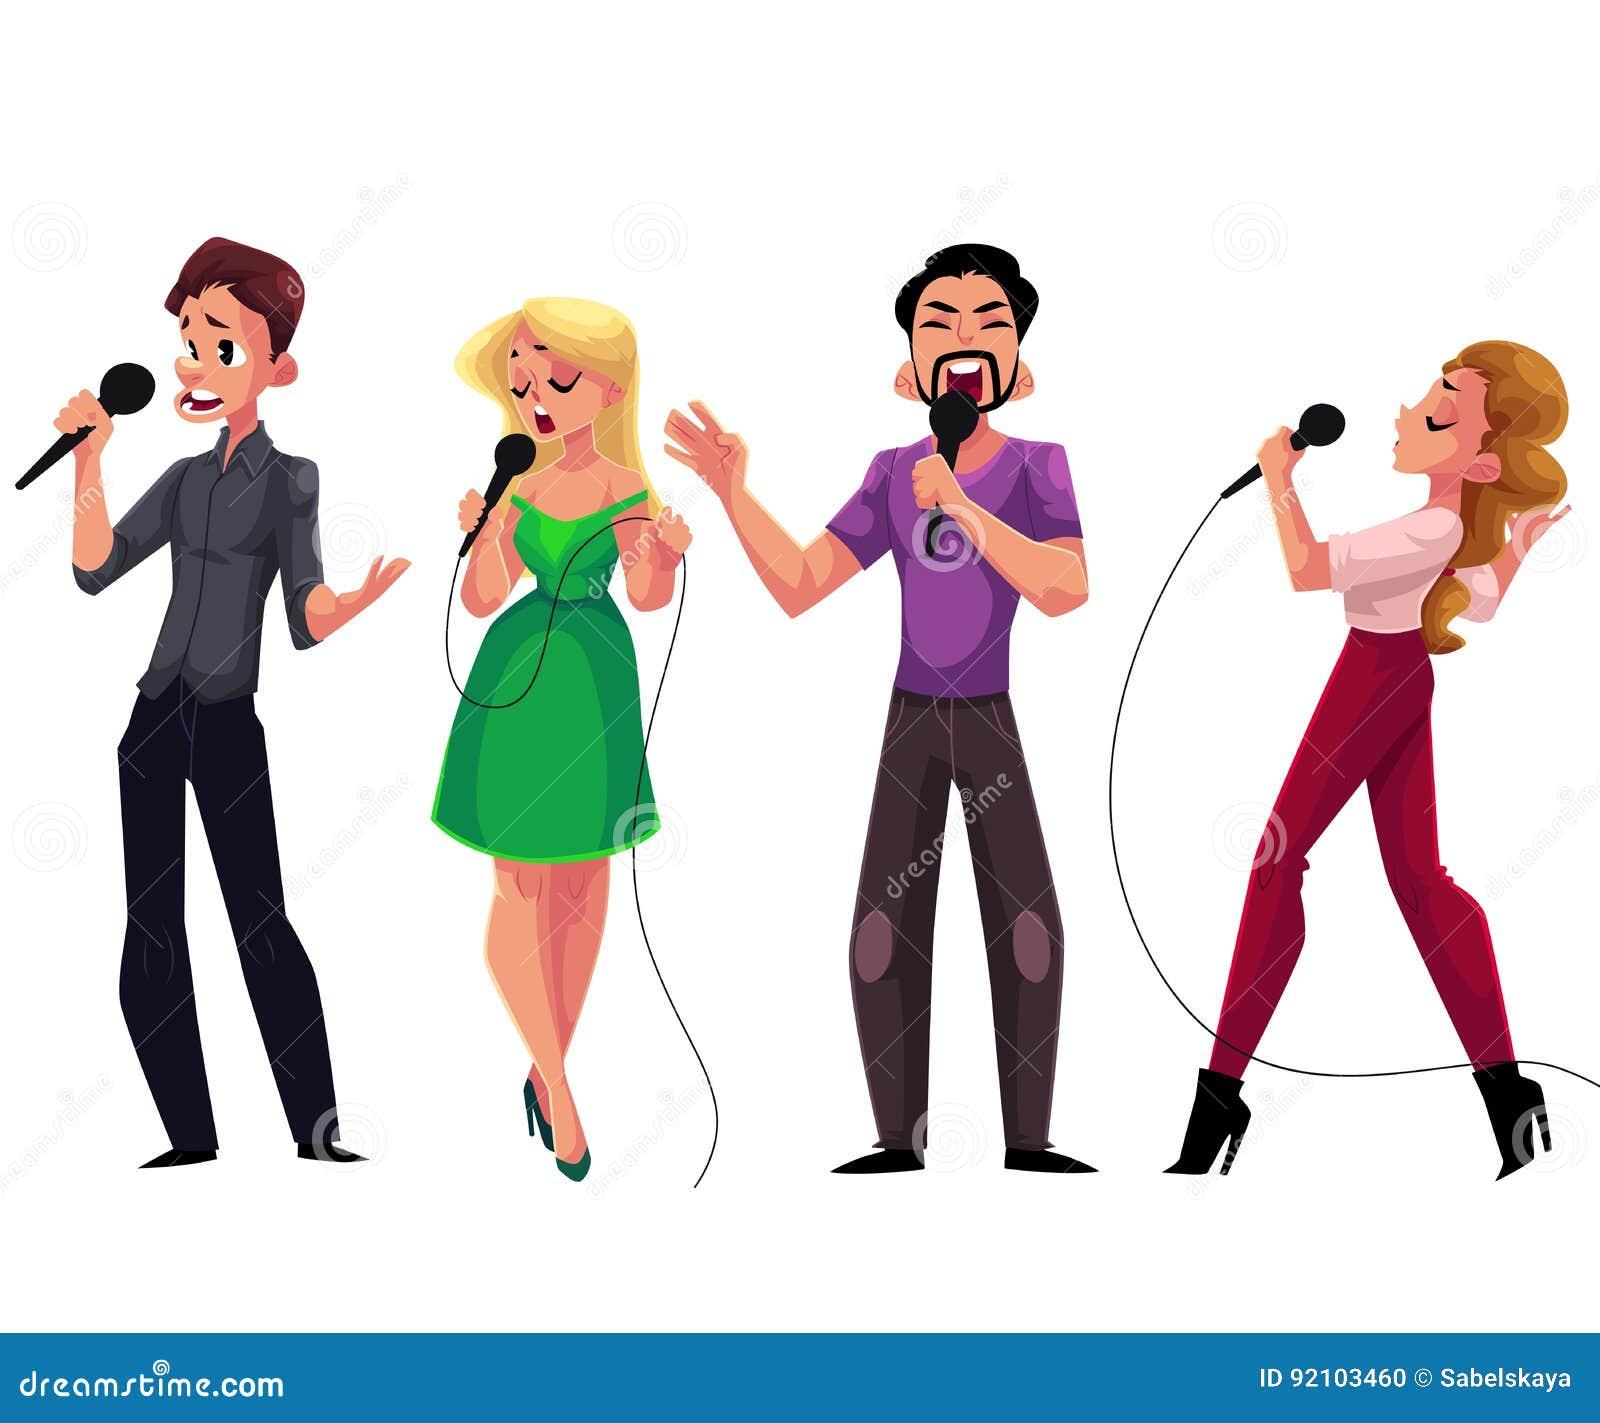 Uomini e donne che cantano karaoke, tenente i microfoni - concorrenza, partito, celebrazione